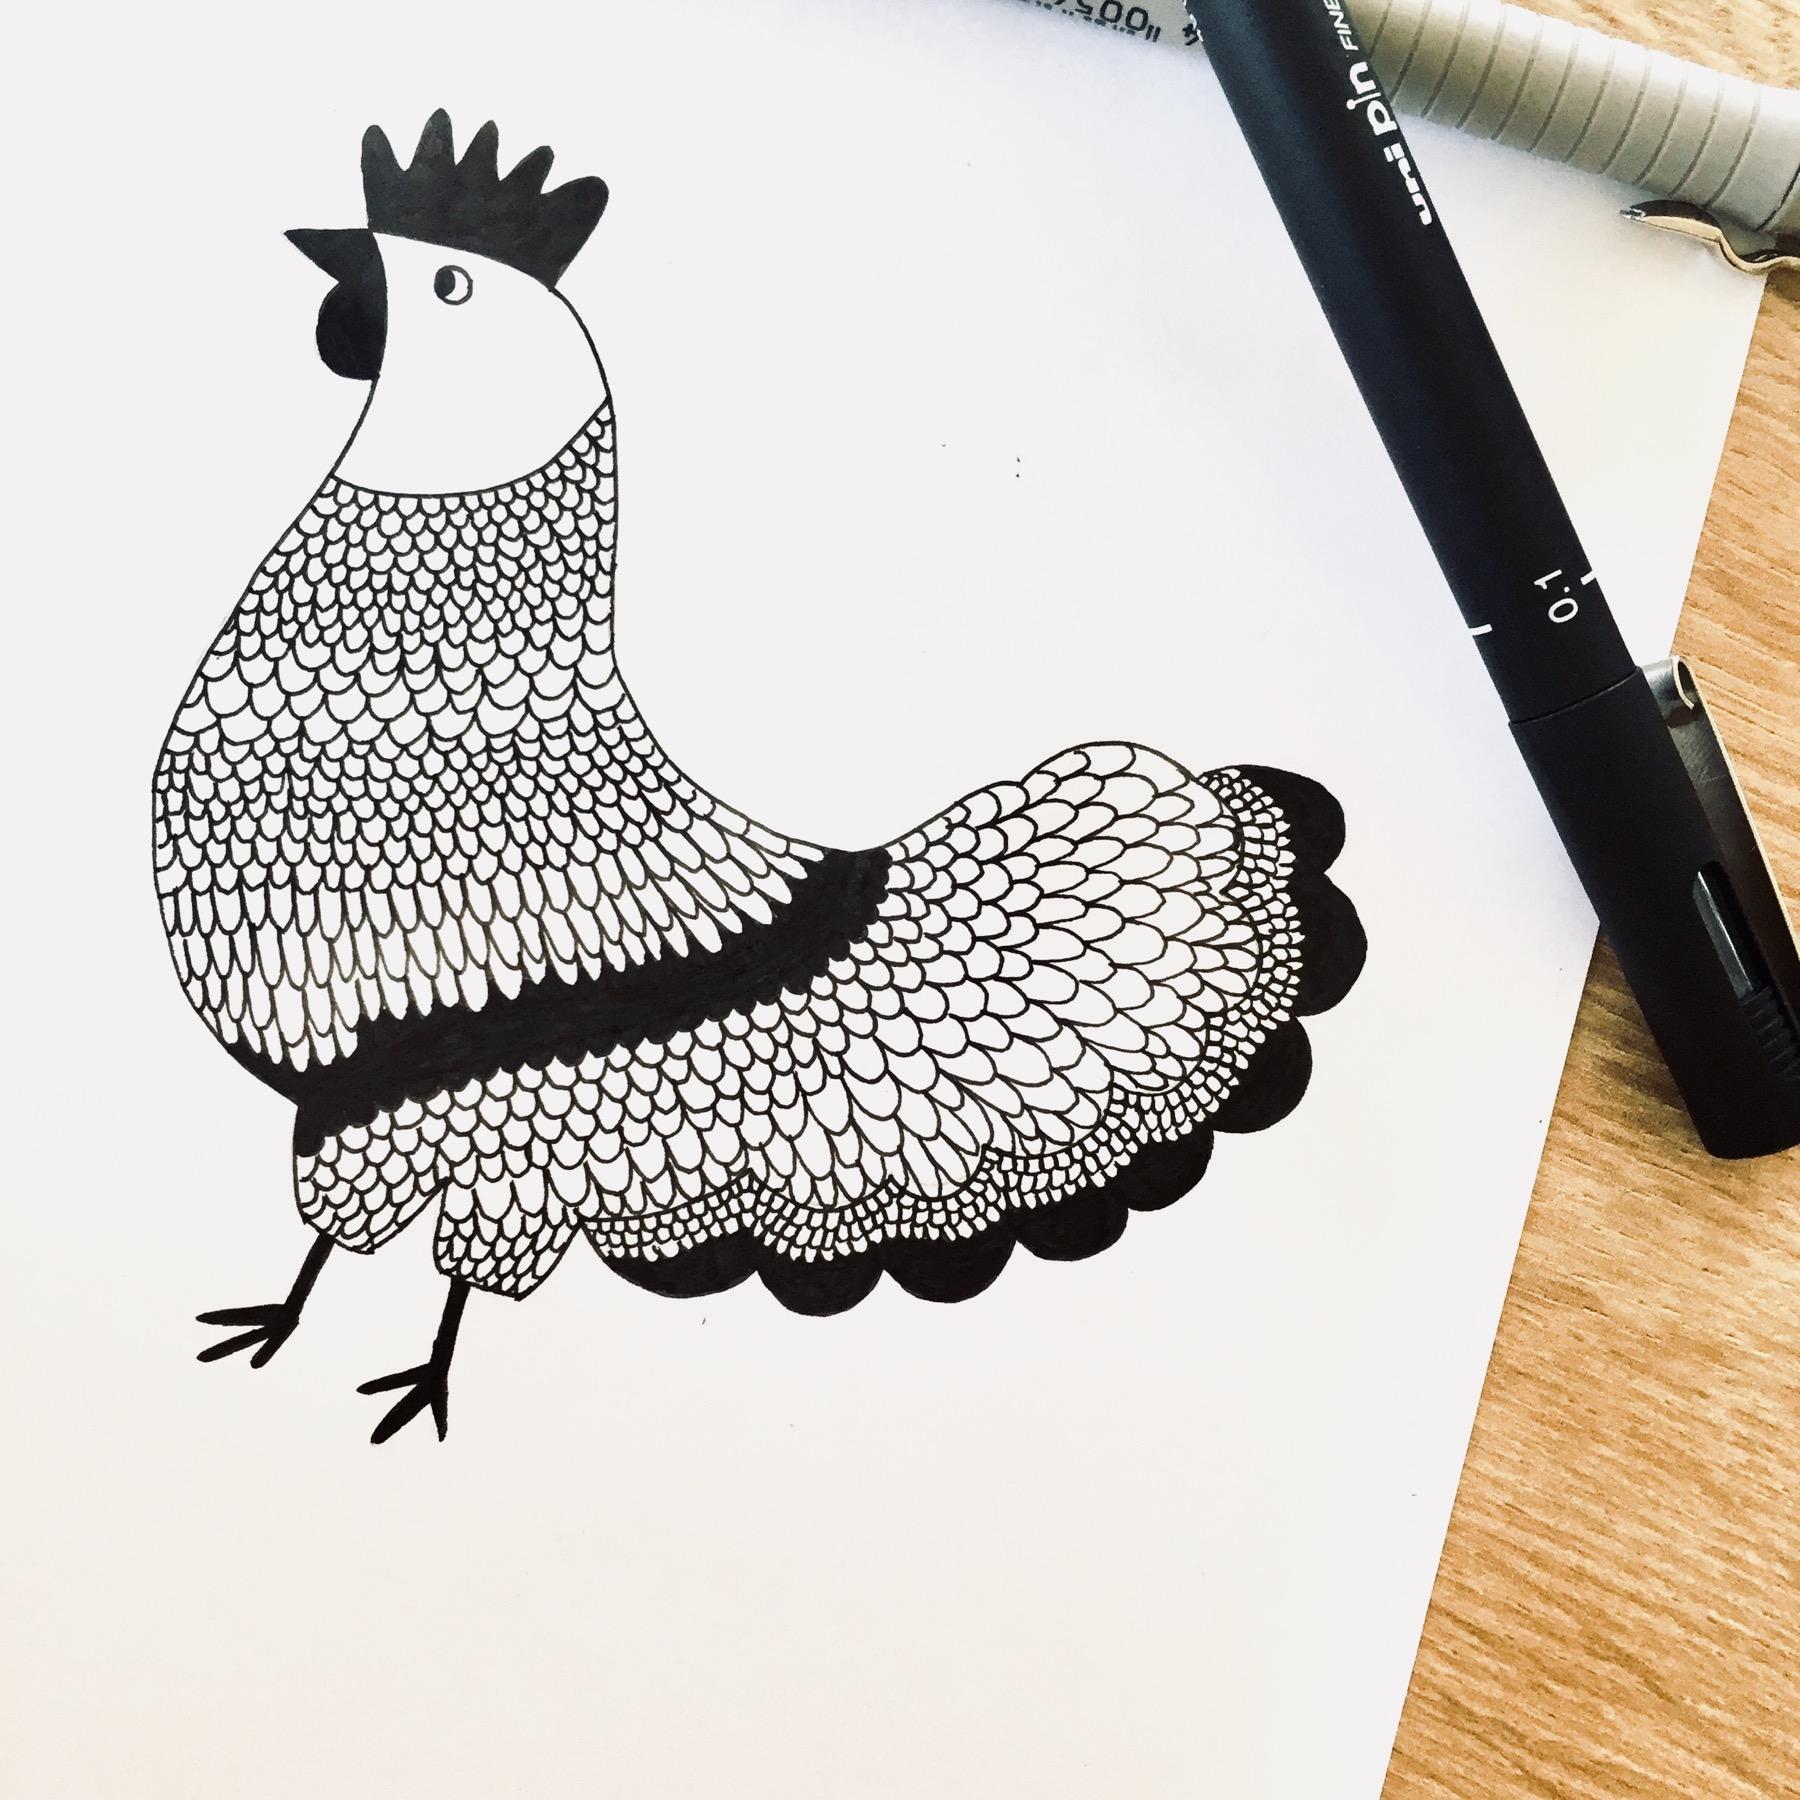 Dessin de la poulette, papeterie française haut de gamme Les manies de Marion